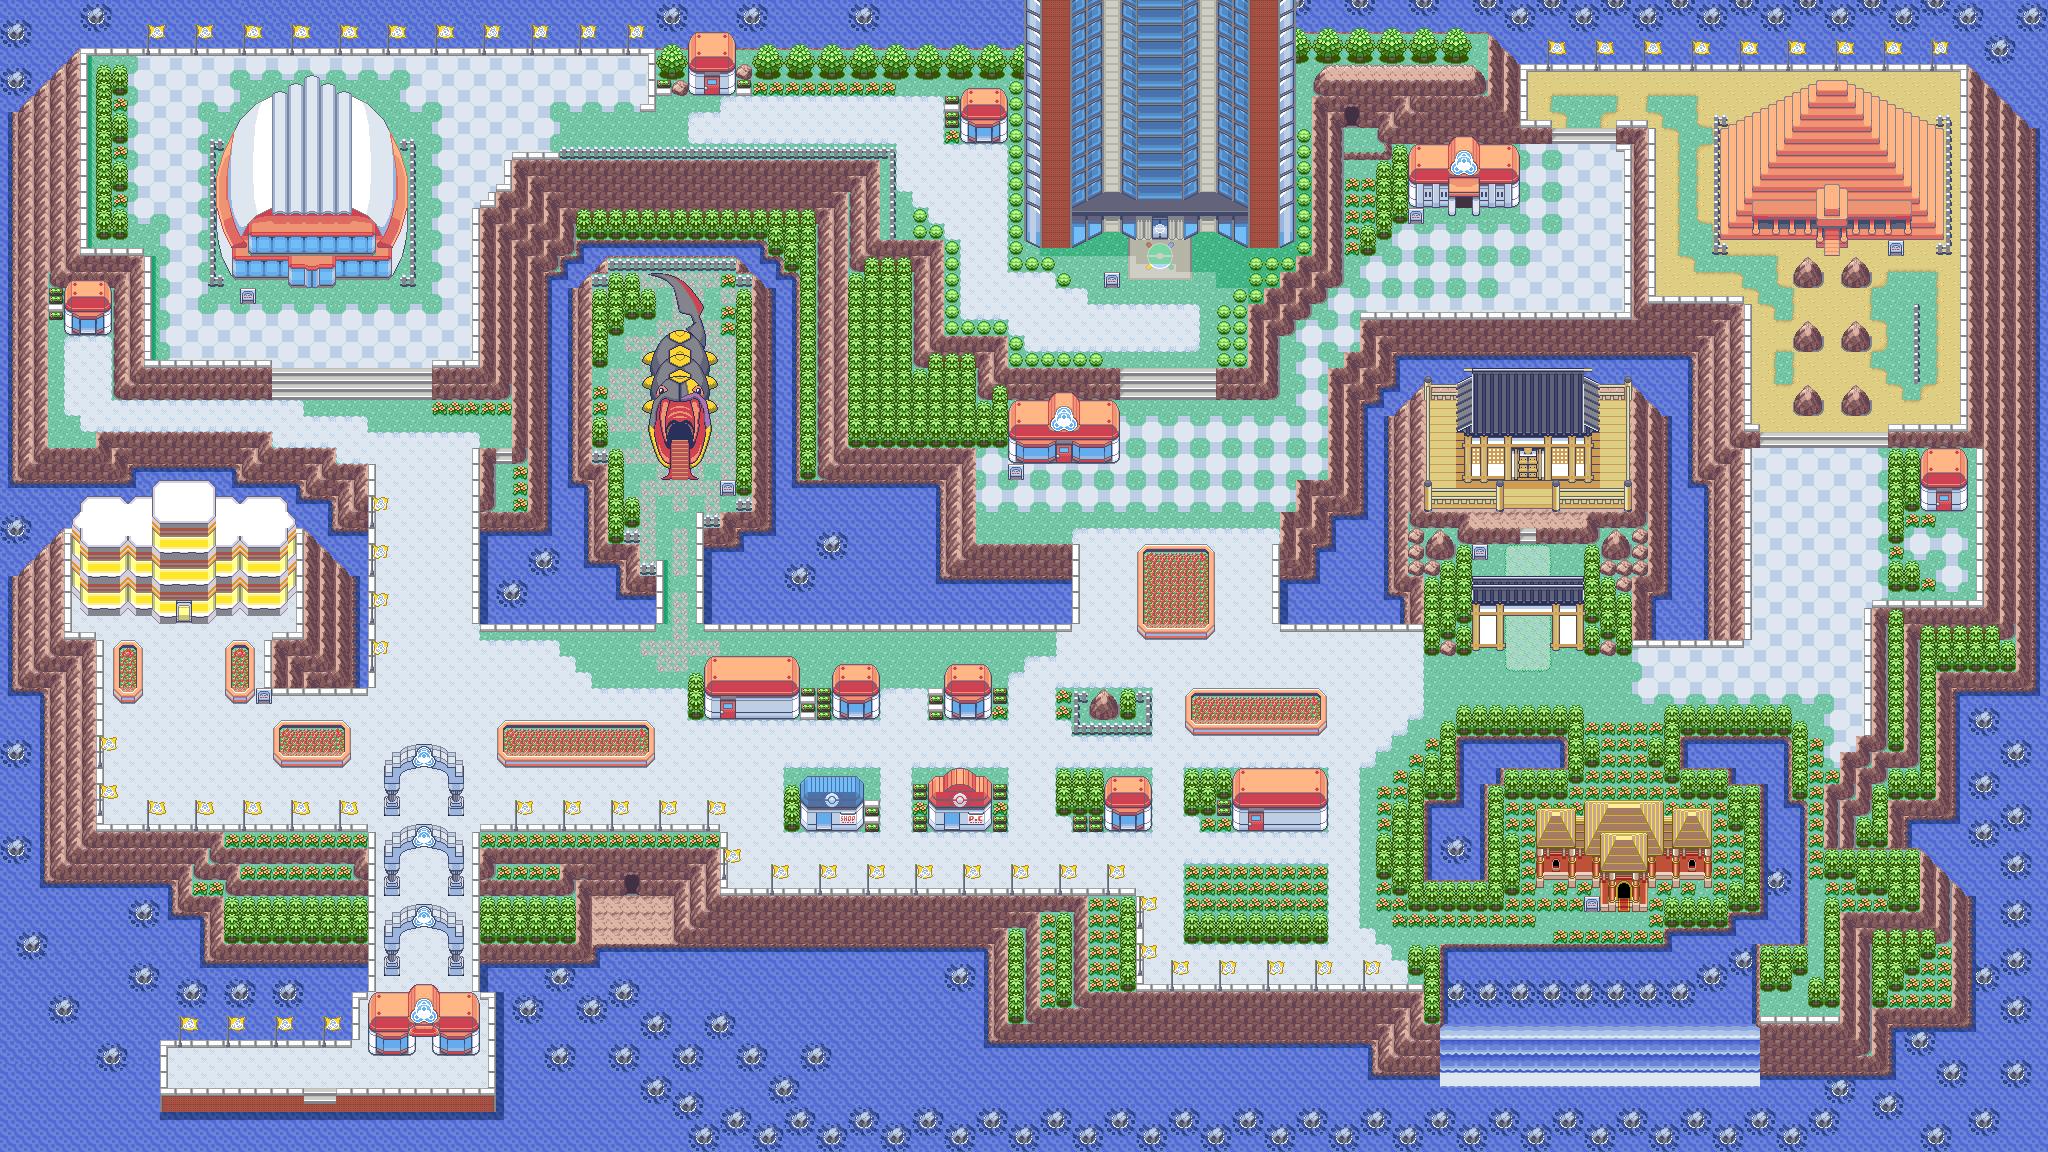 Smeraldo  vide l'introduzione della Battle Frontier, stupendo parco-lotta gigante pieno di attività pazze ma bellissime.